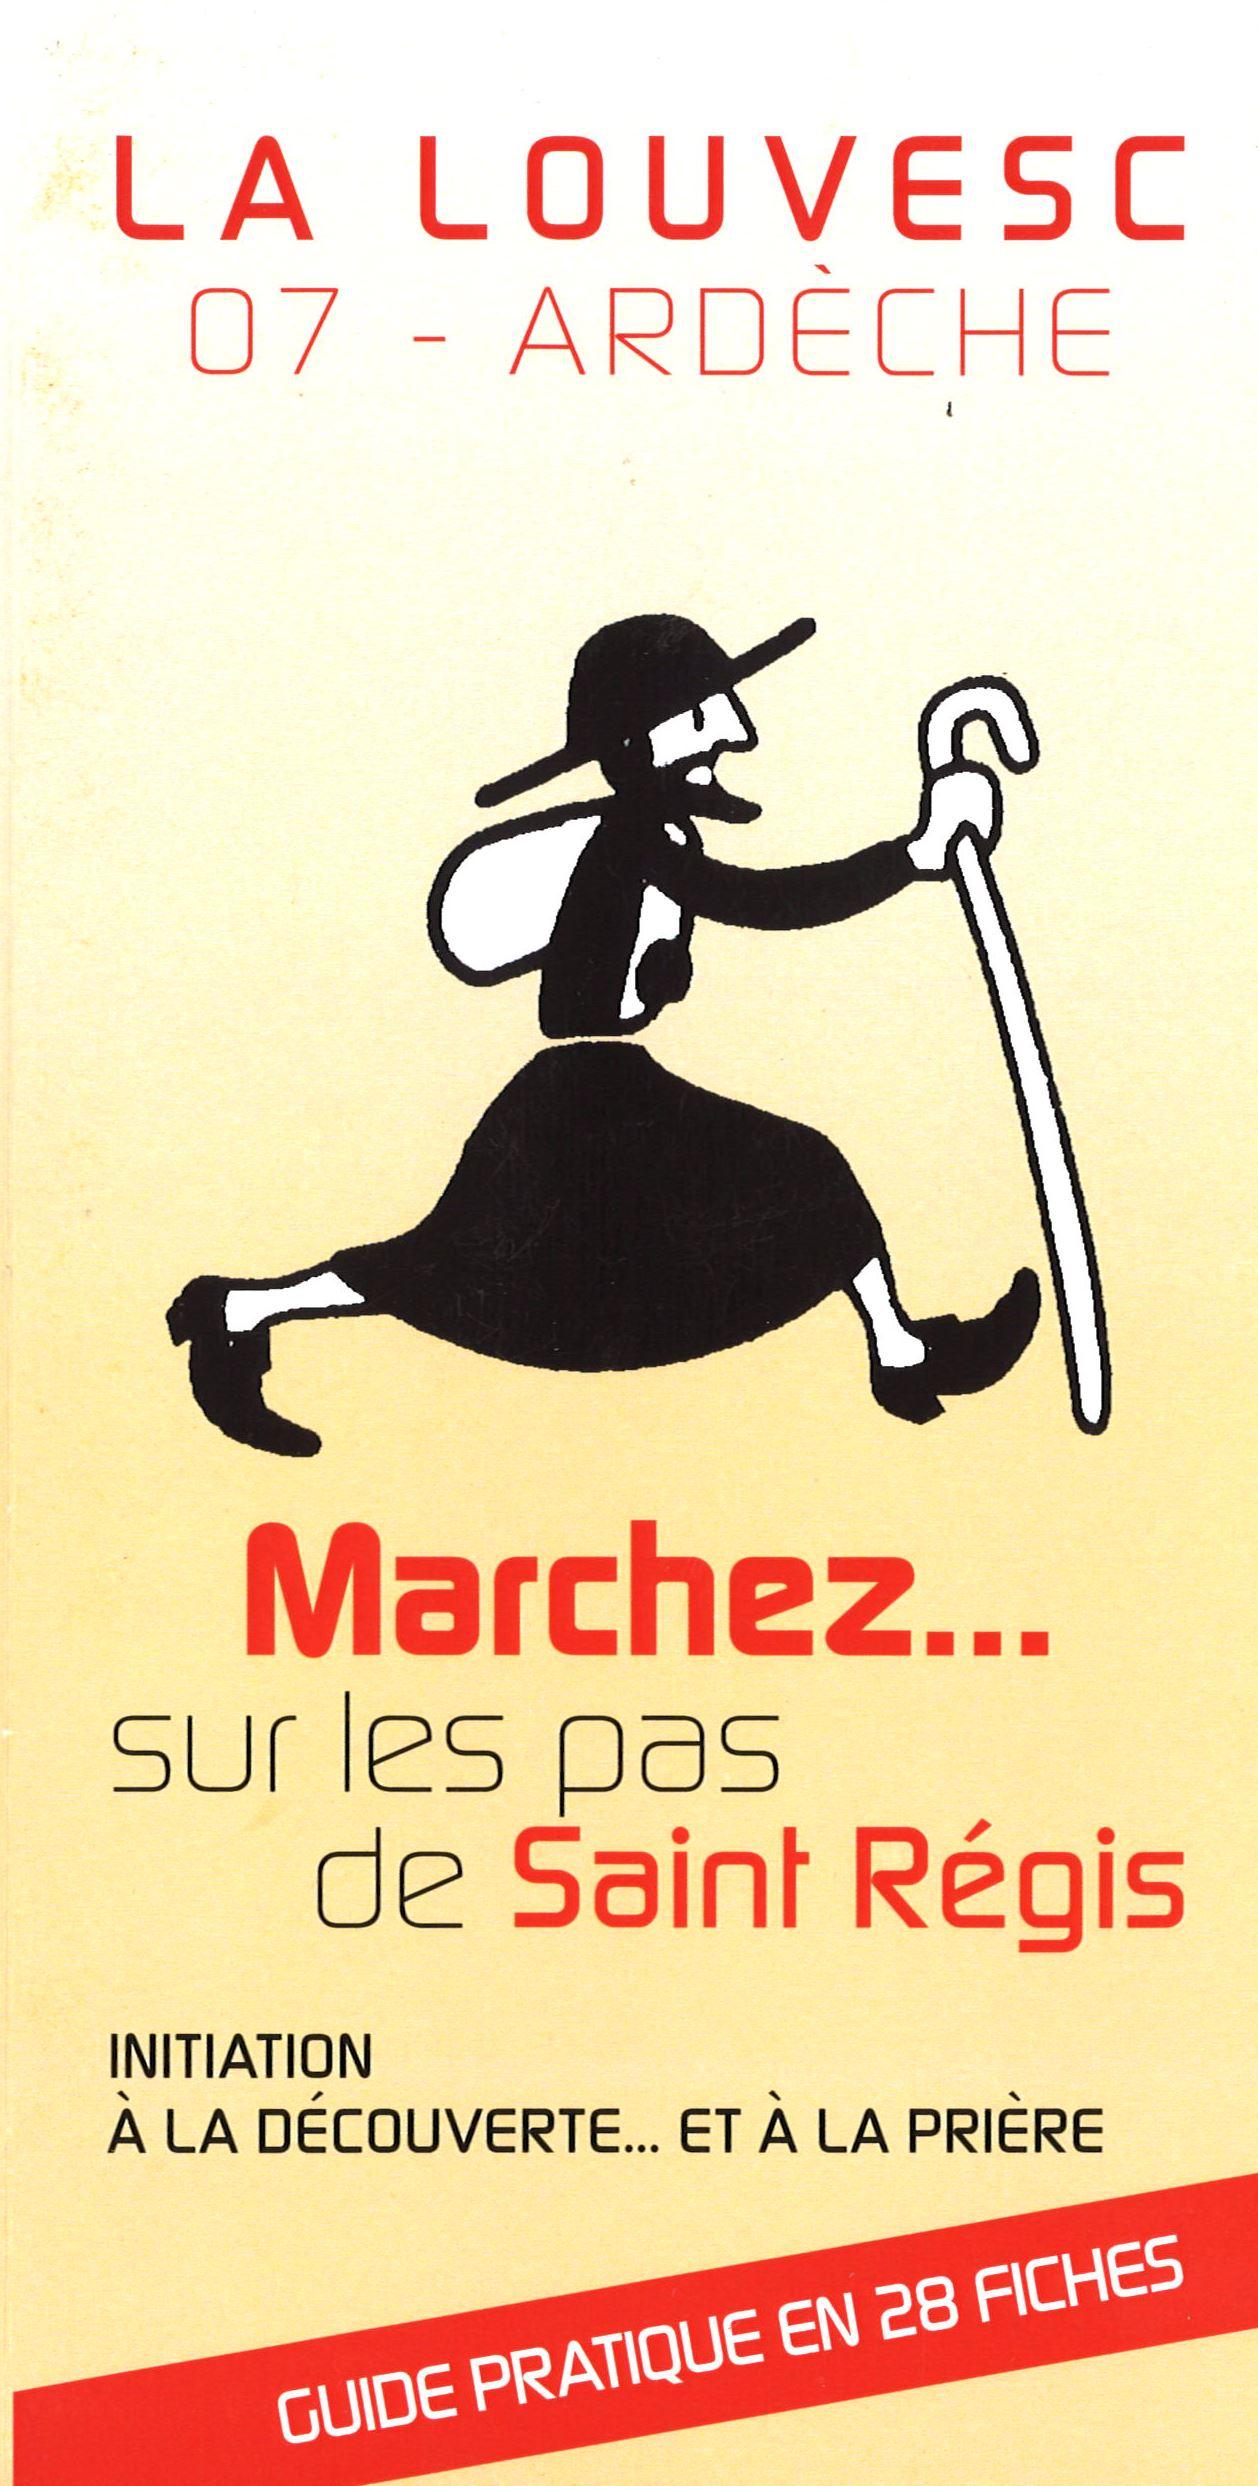 FICHES DE MARCHE